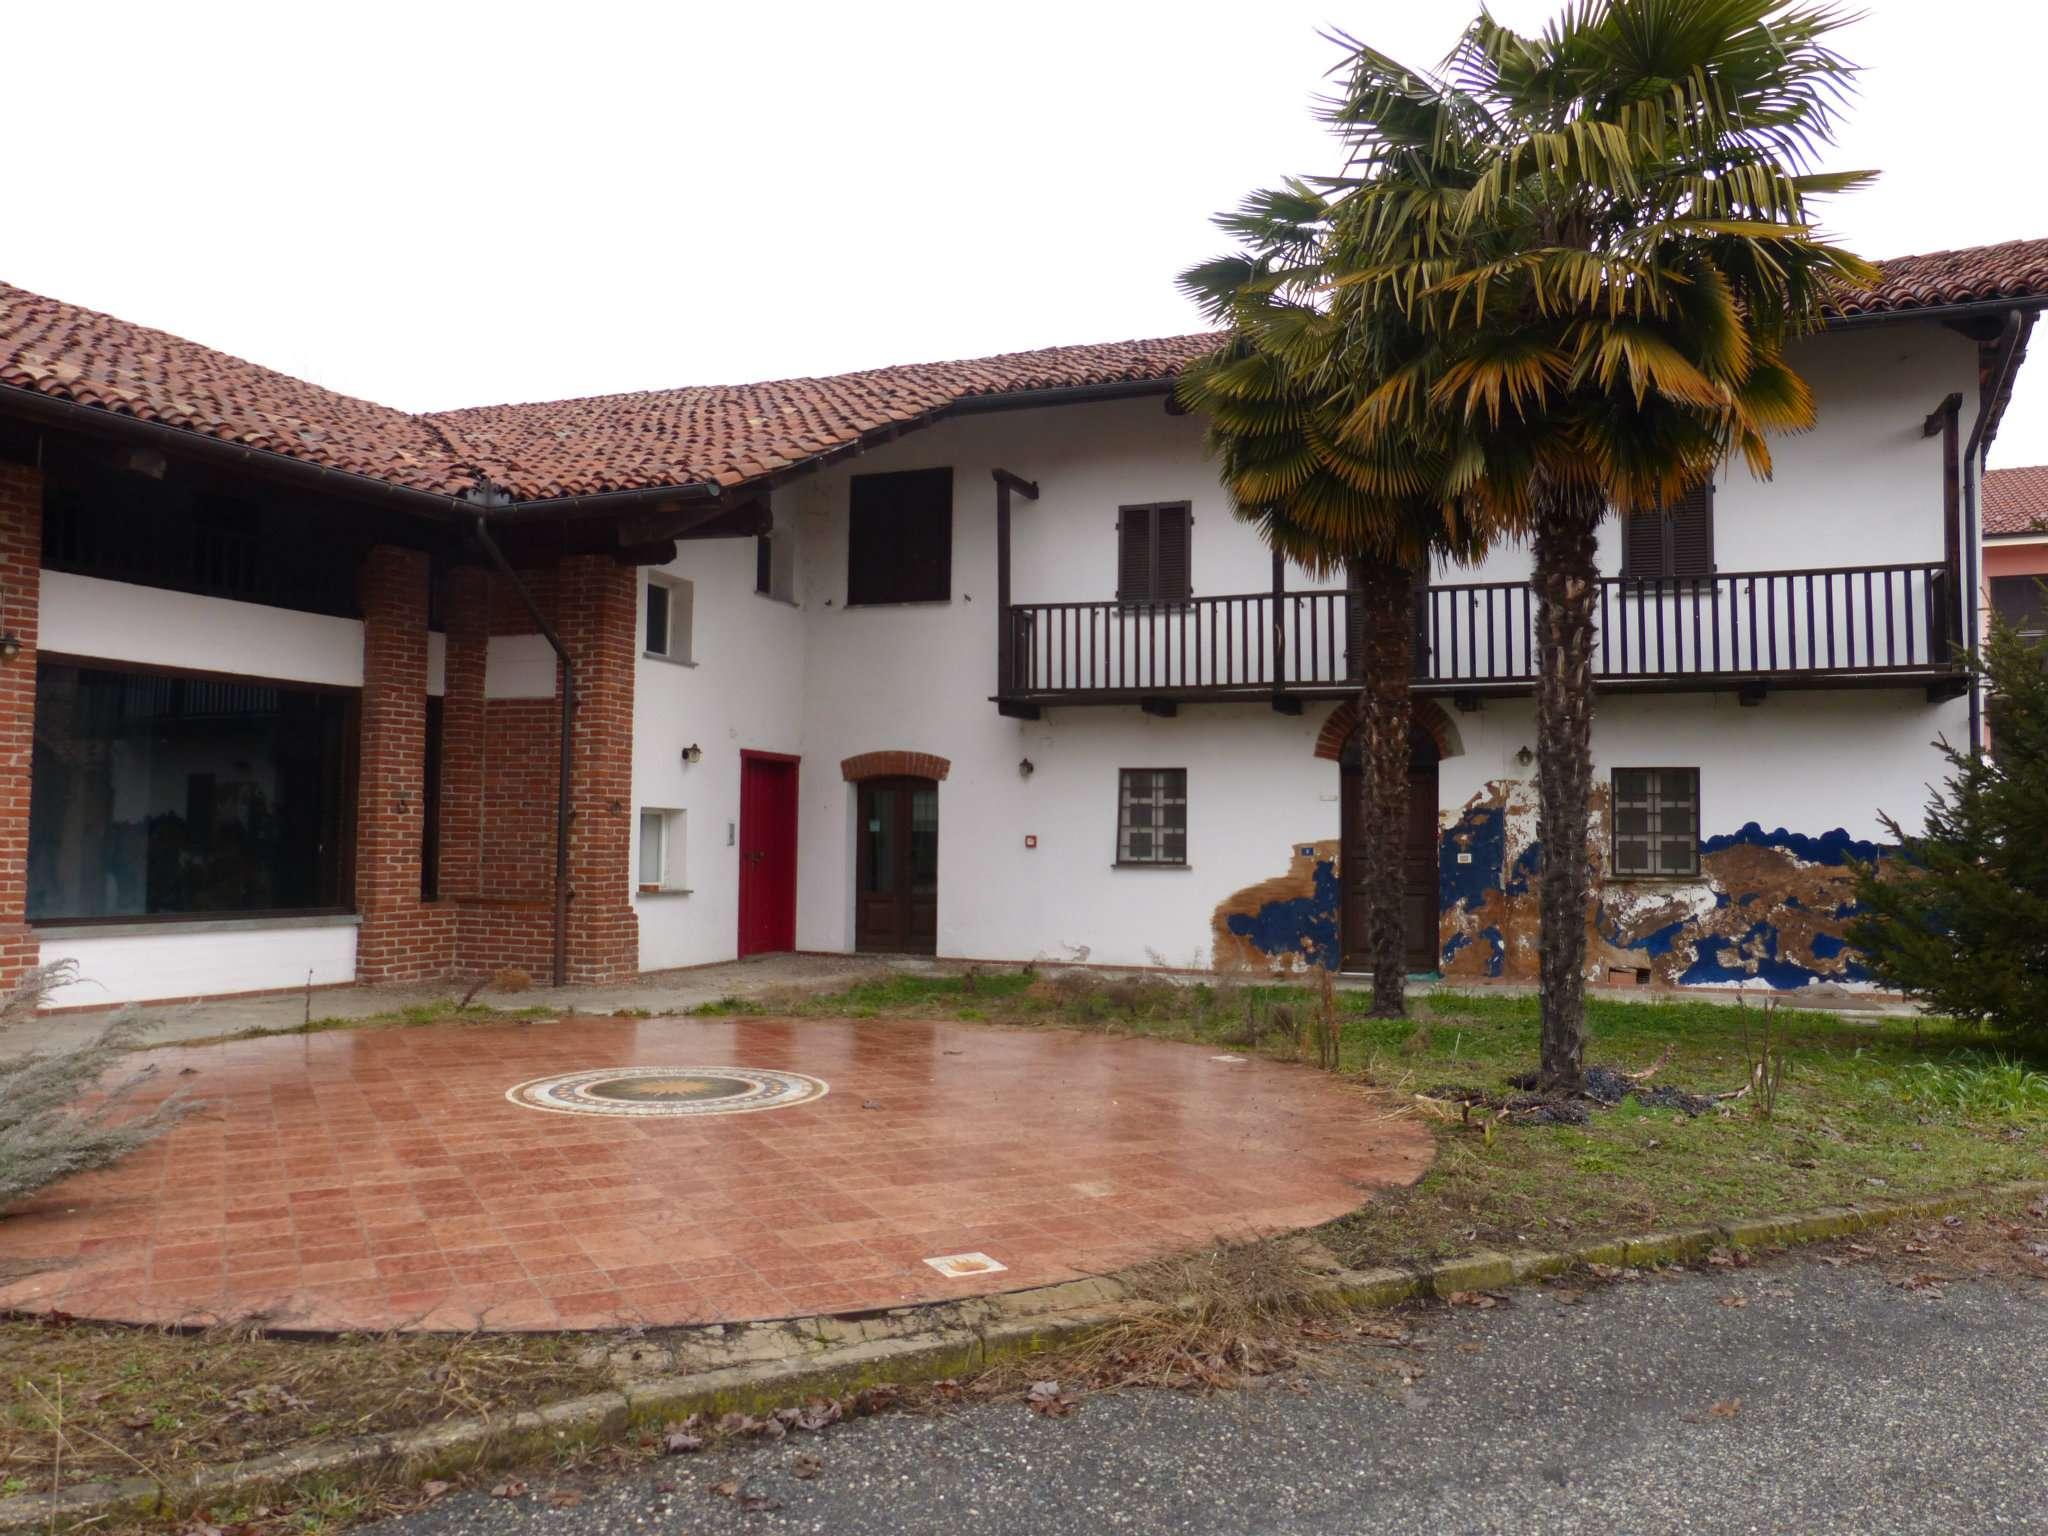 Soluzione Indipendente in vendita a Bene Vagienna, 8 locali, prezzo € 450.000 | CambioCasa.it